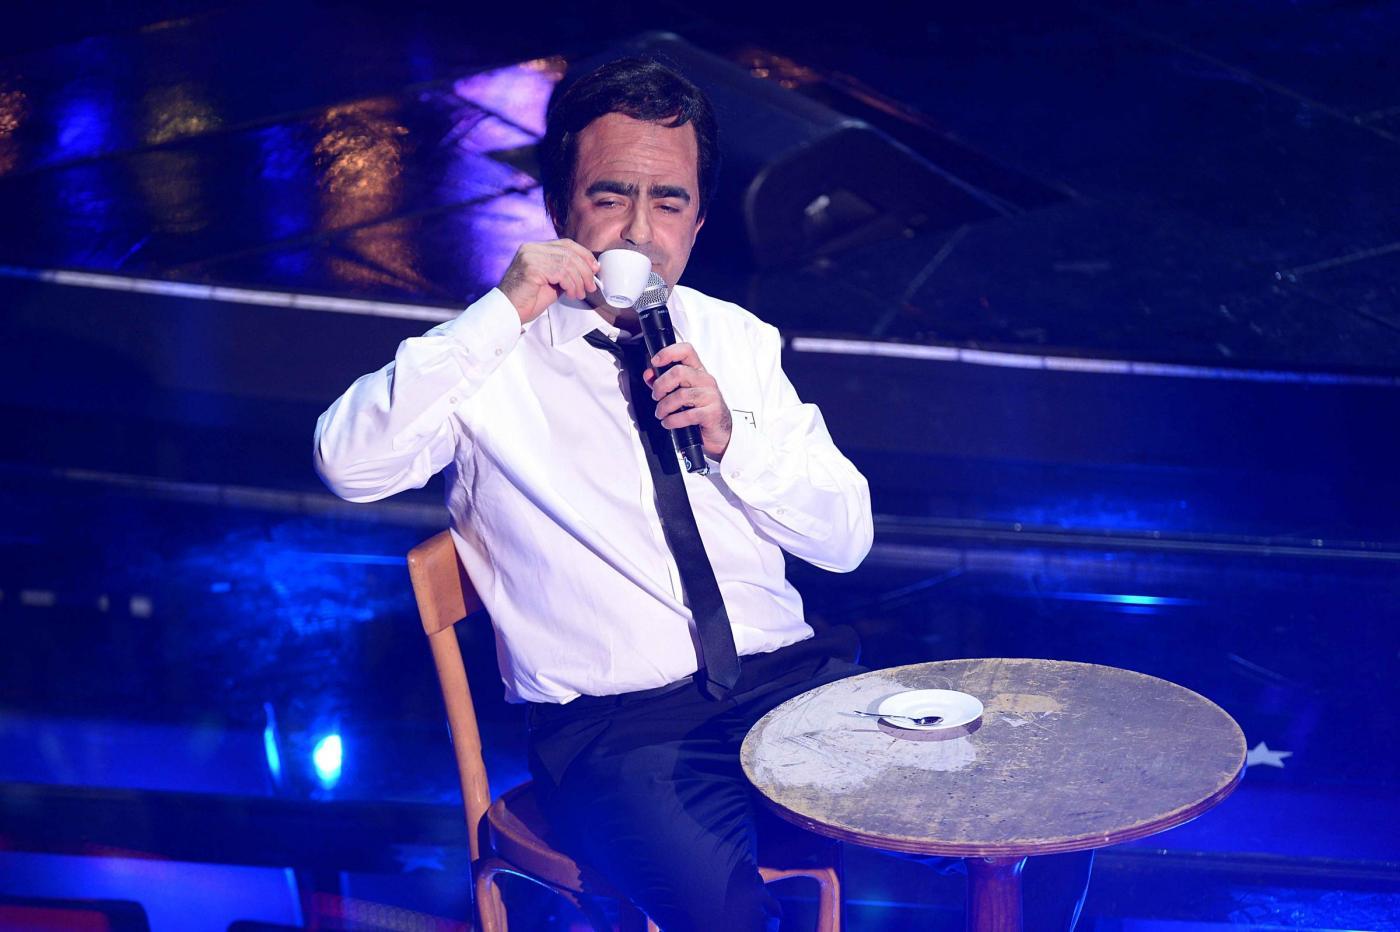 Sanremo 2013: le 14 canzoni dei Campioni che hanno passato il turno